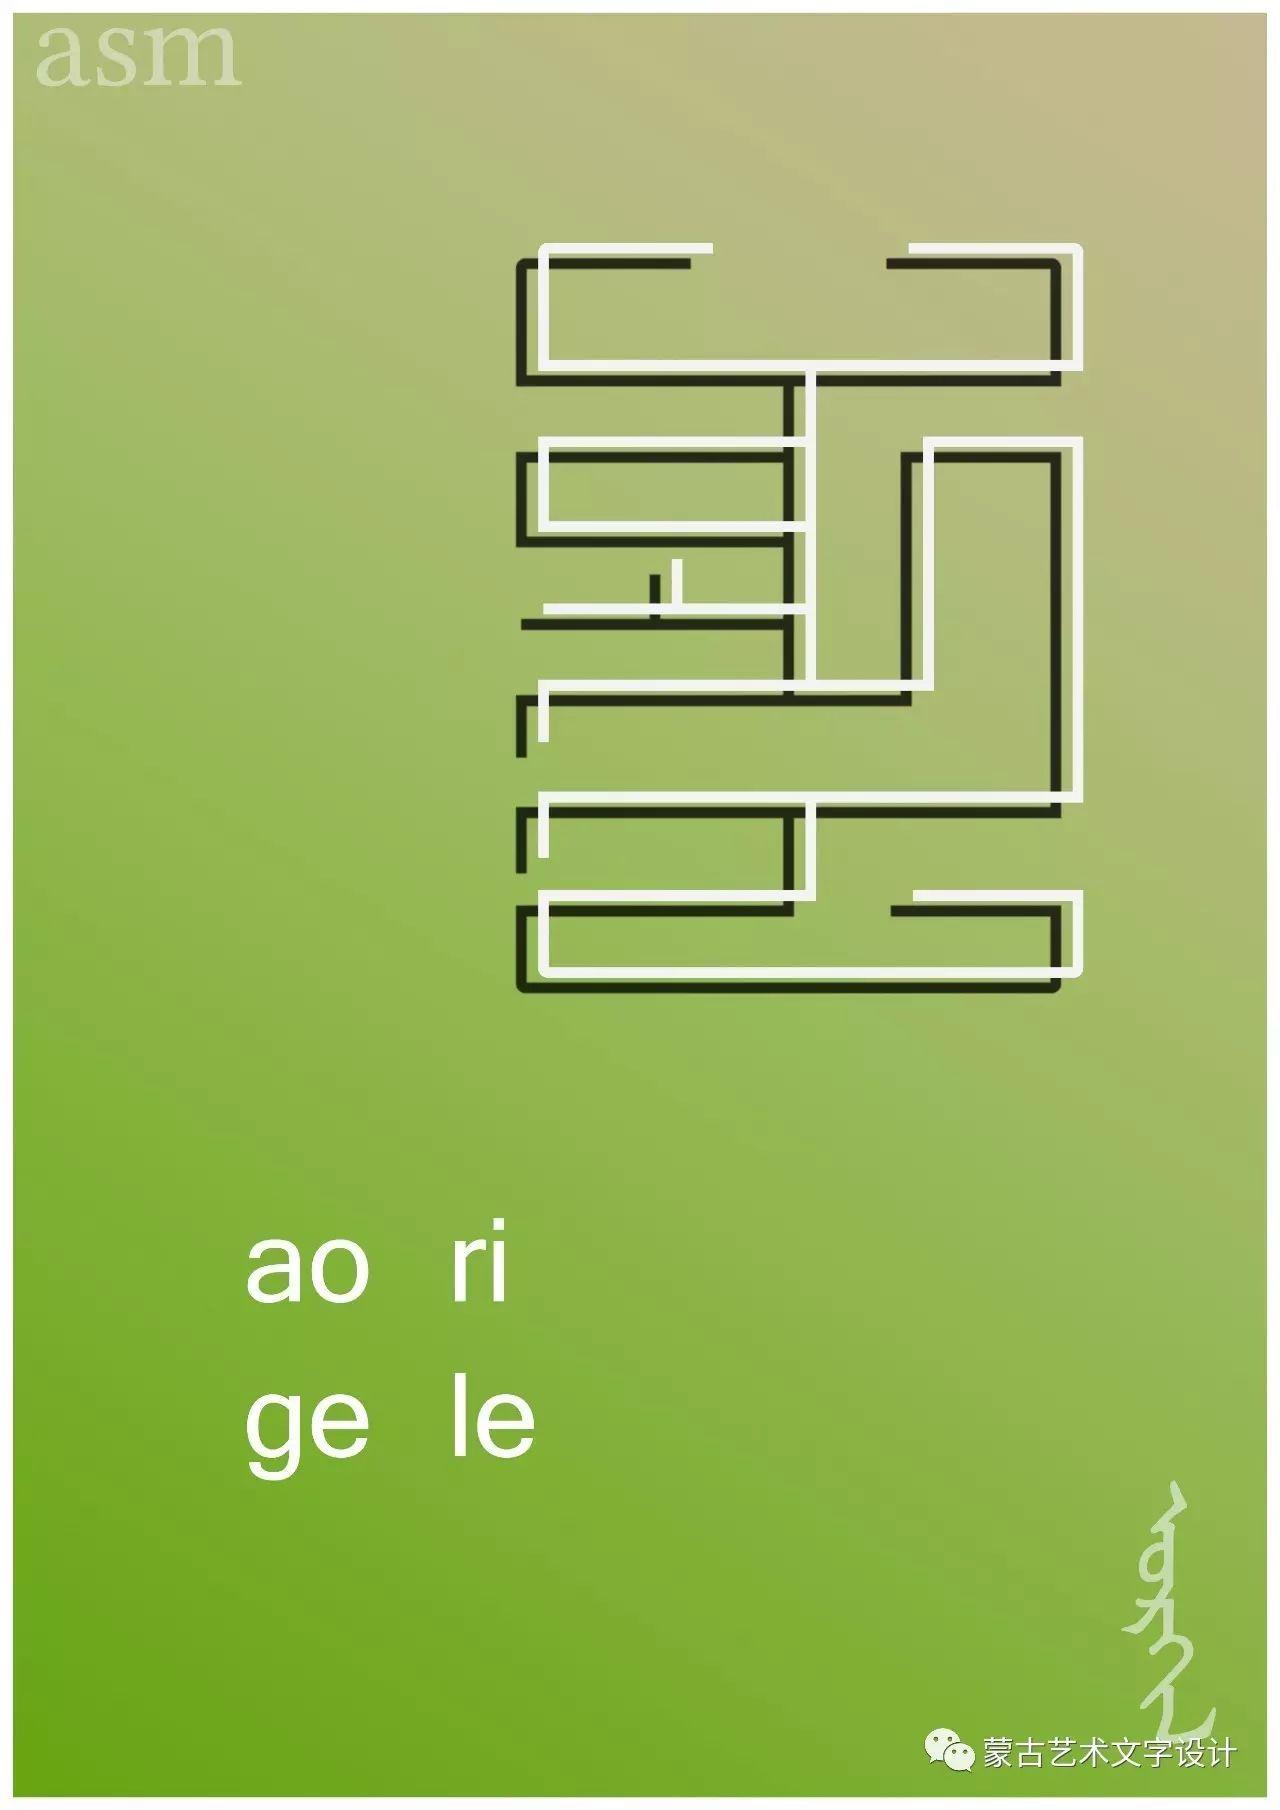 蒙古艺术文字设计 第26张